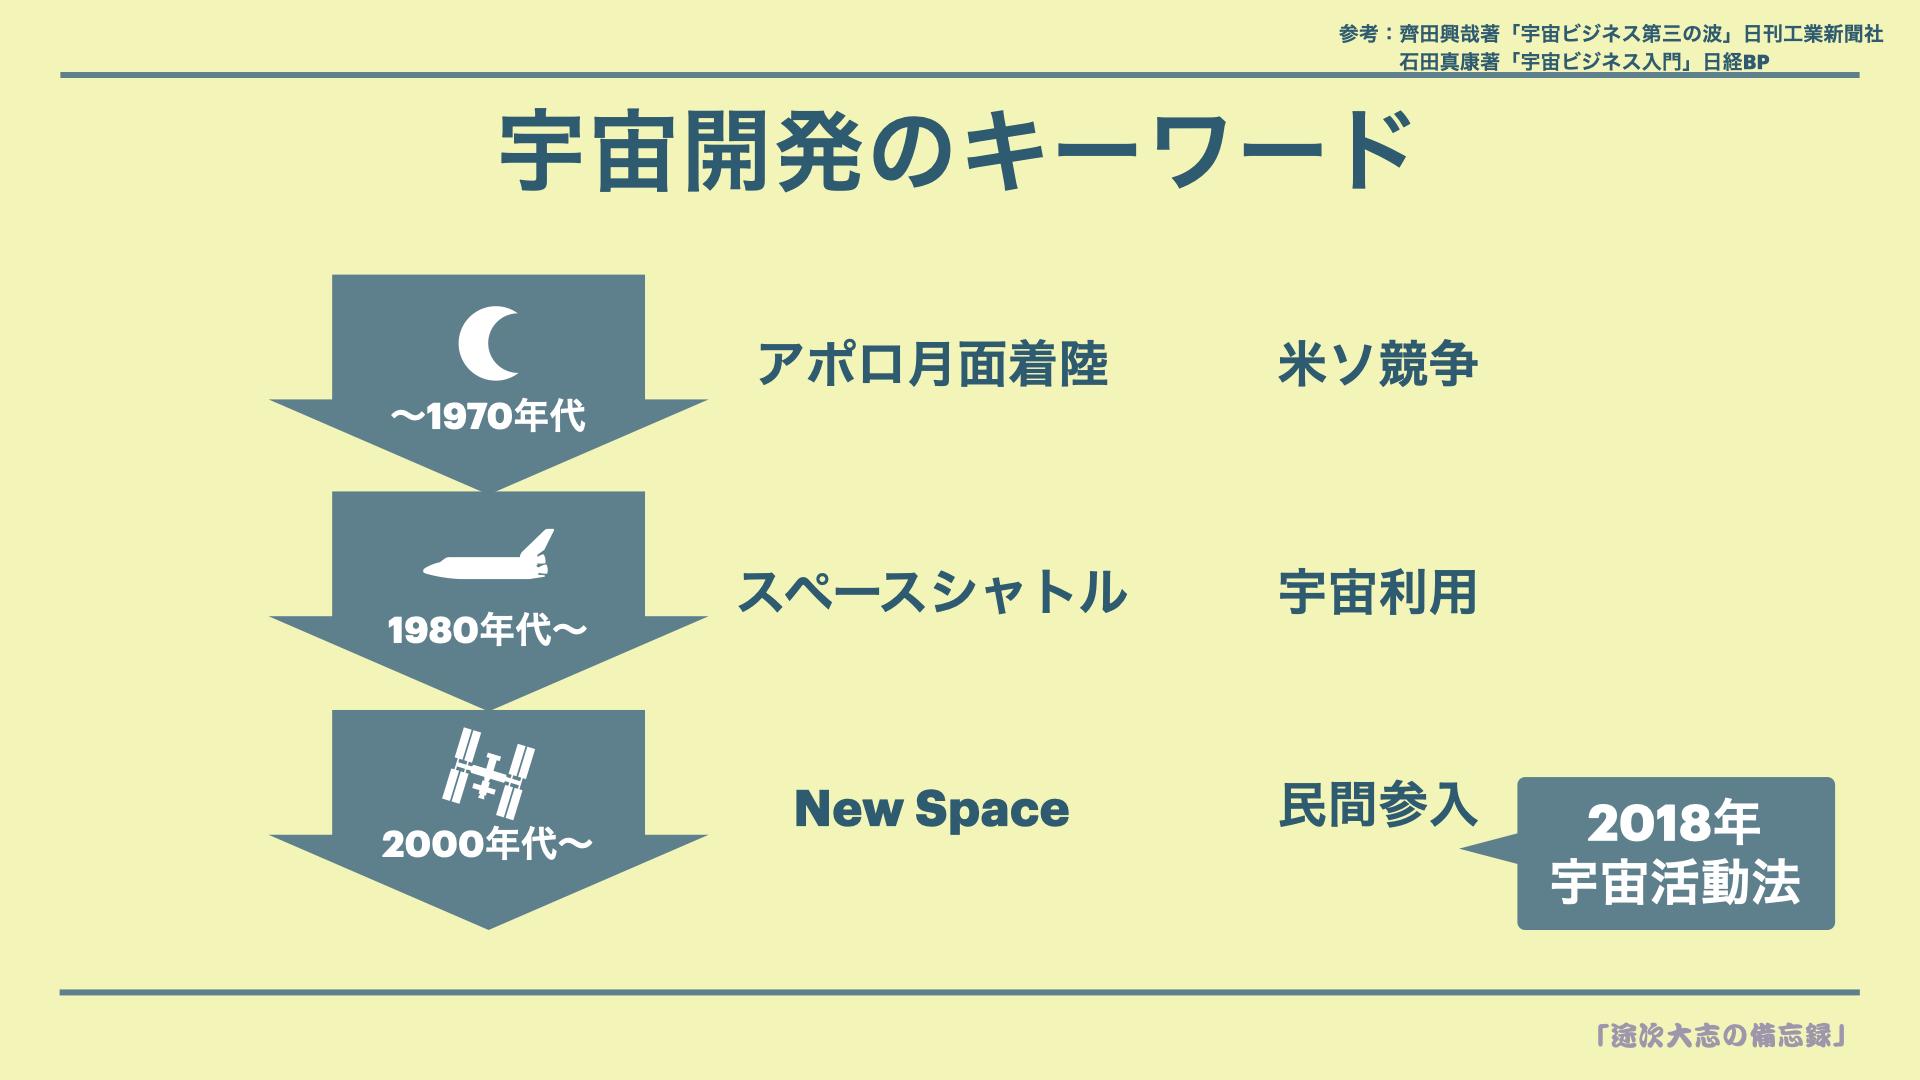 ZKK2宇宙開発のキーワード